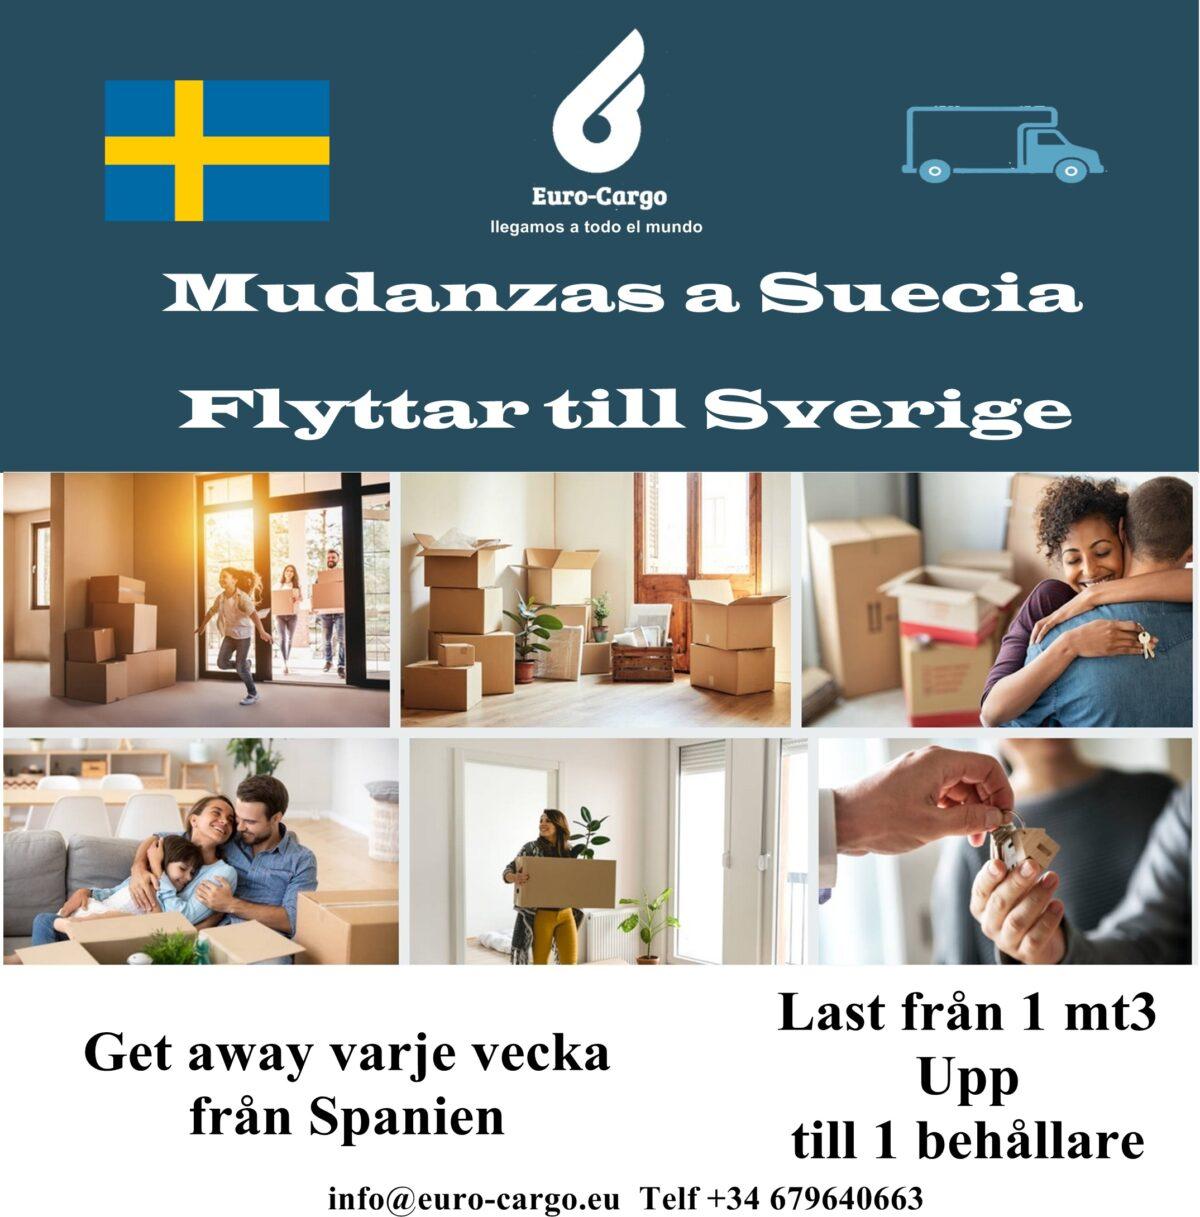 Mudanzas-a-Suecia-1200x1217.jpg